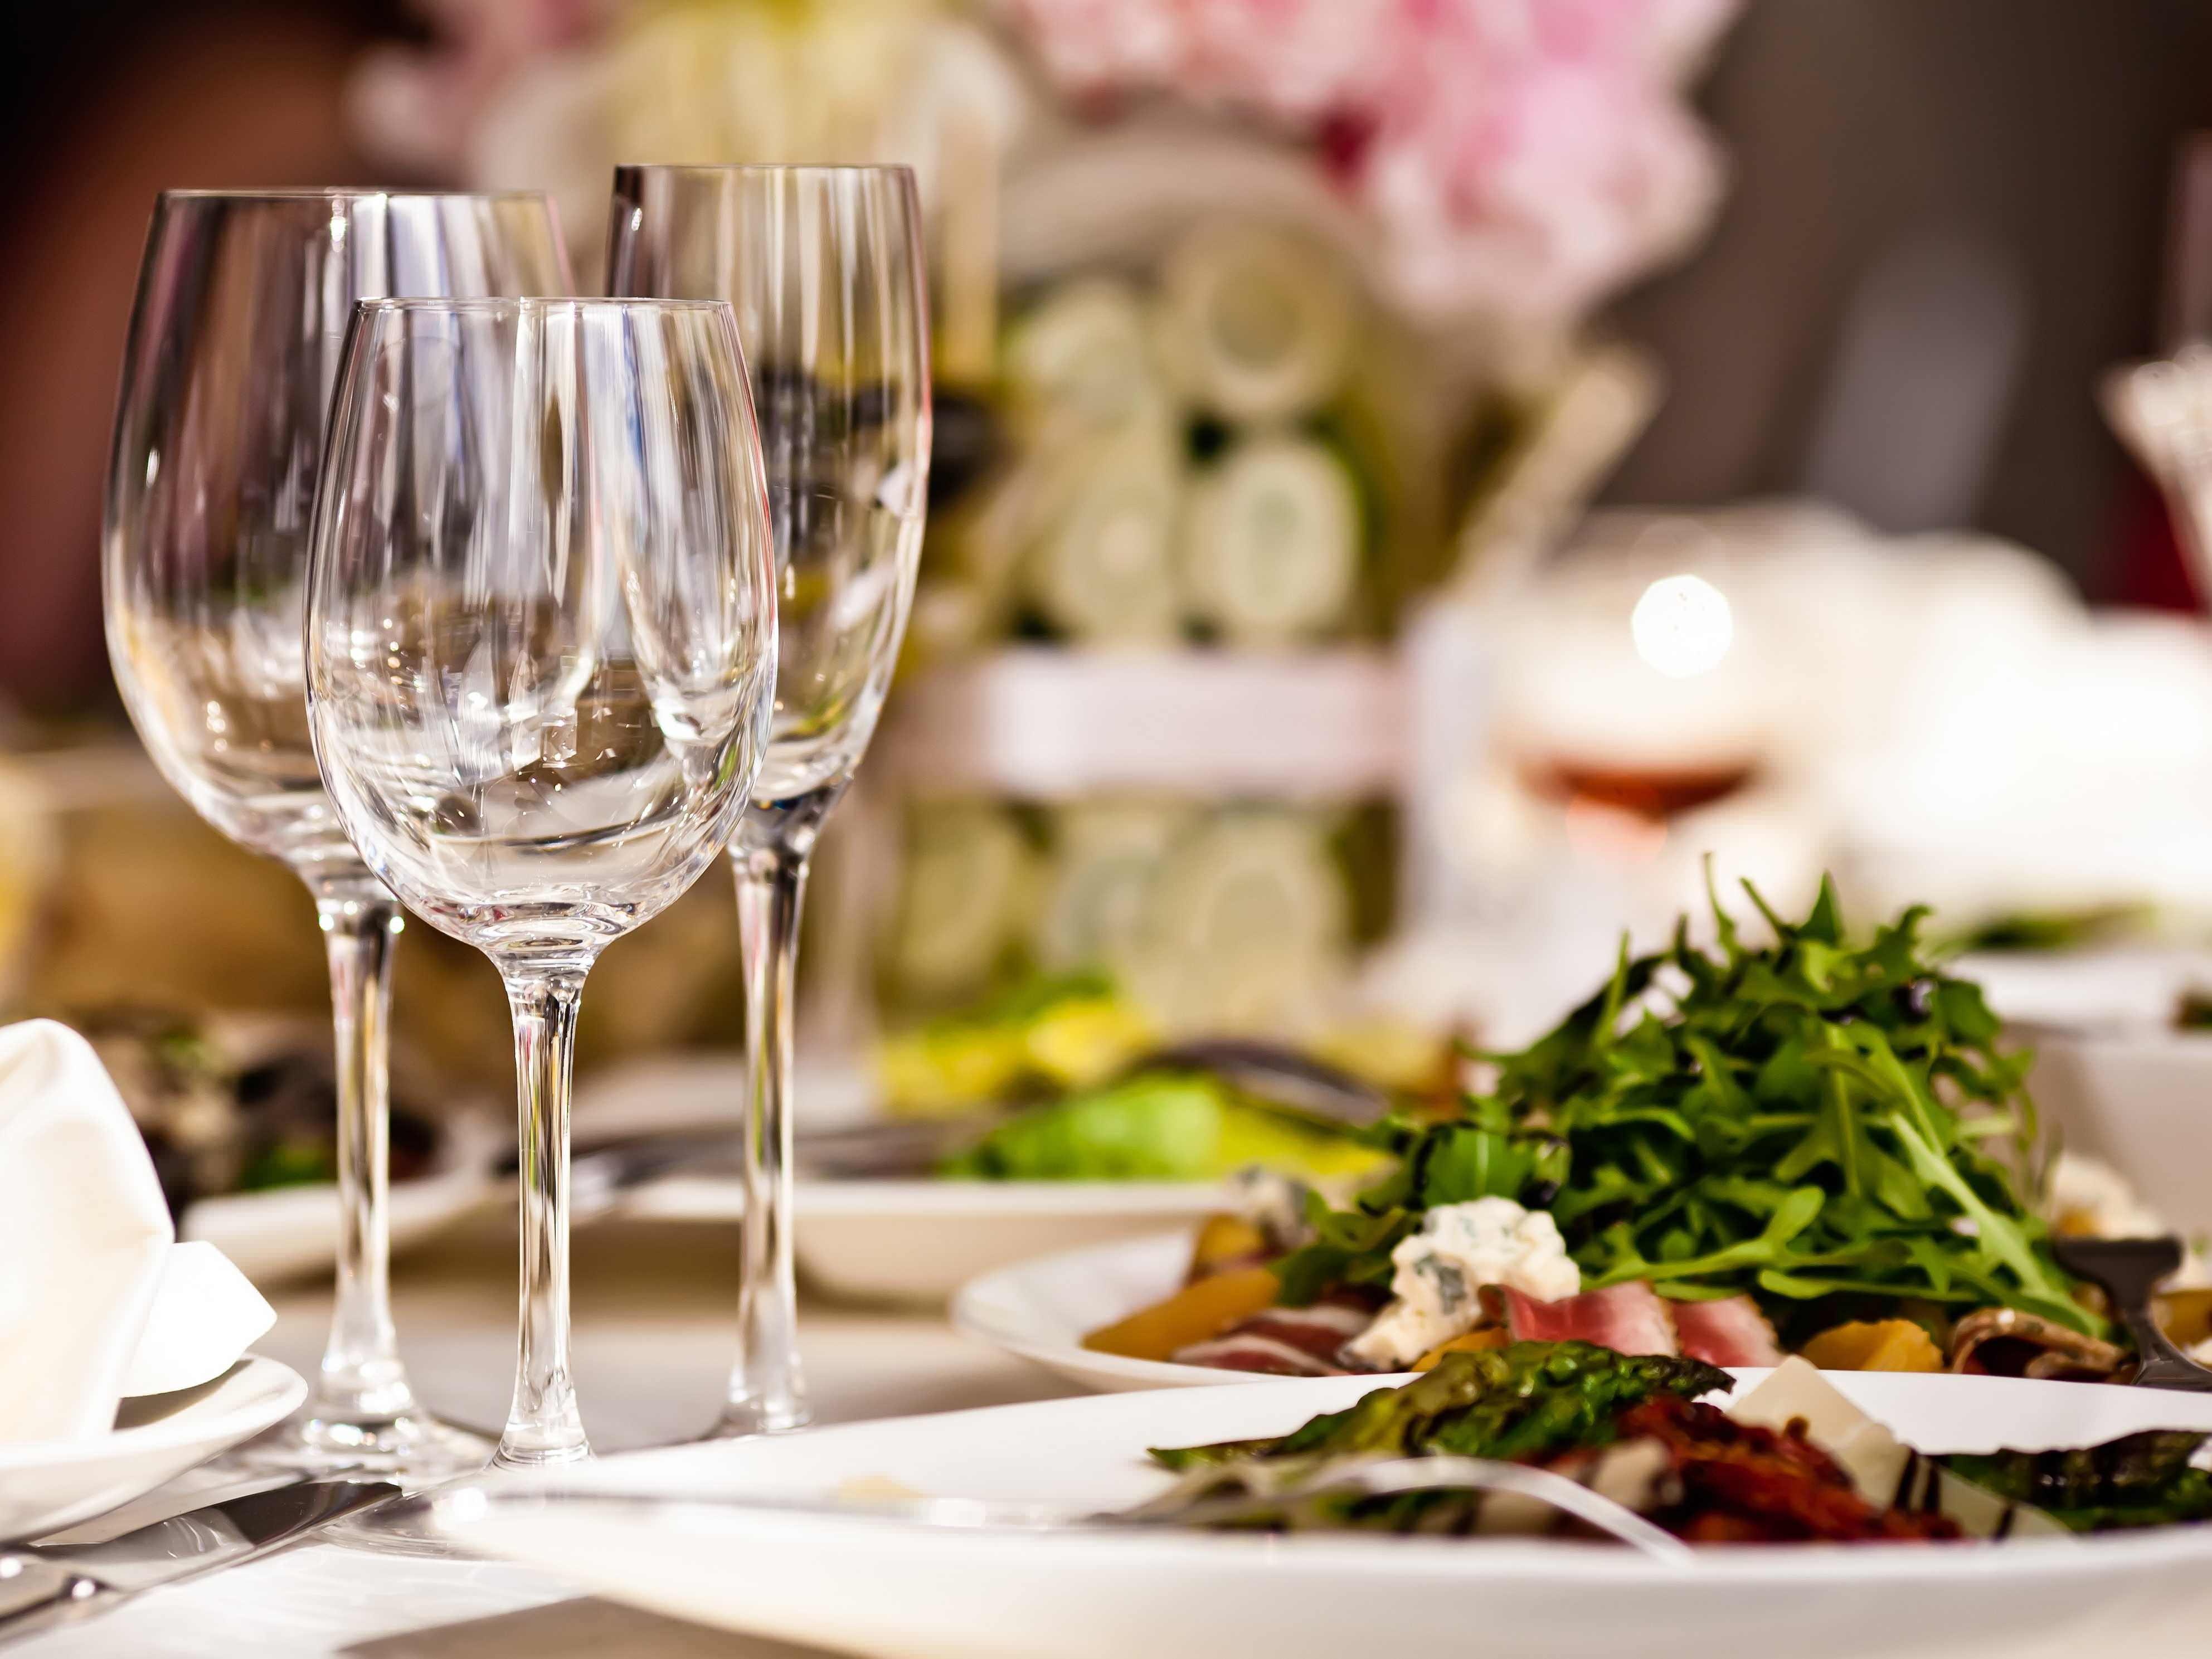 привлечение посетителей в ресторанном бизнесе